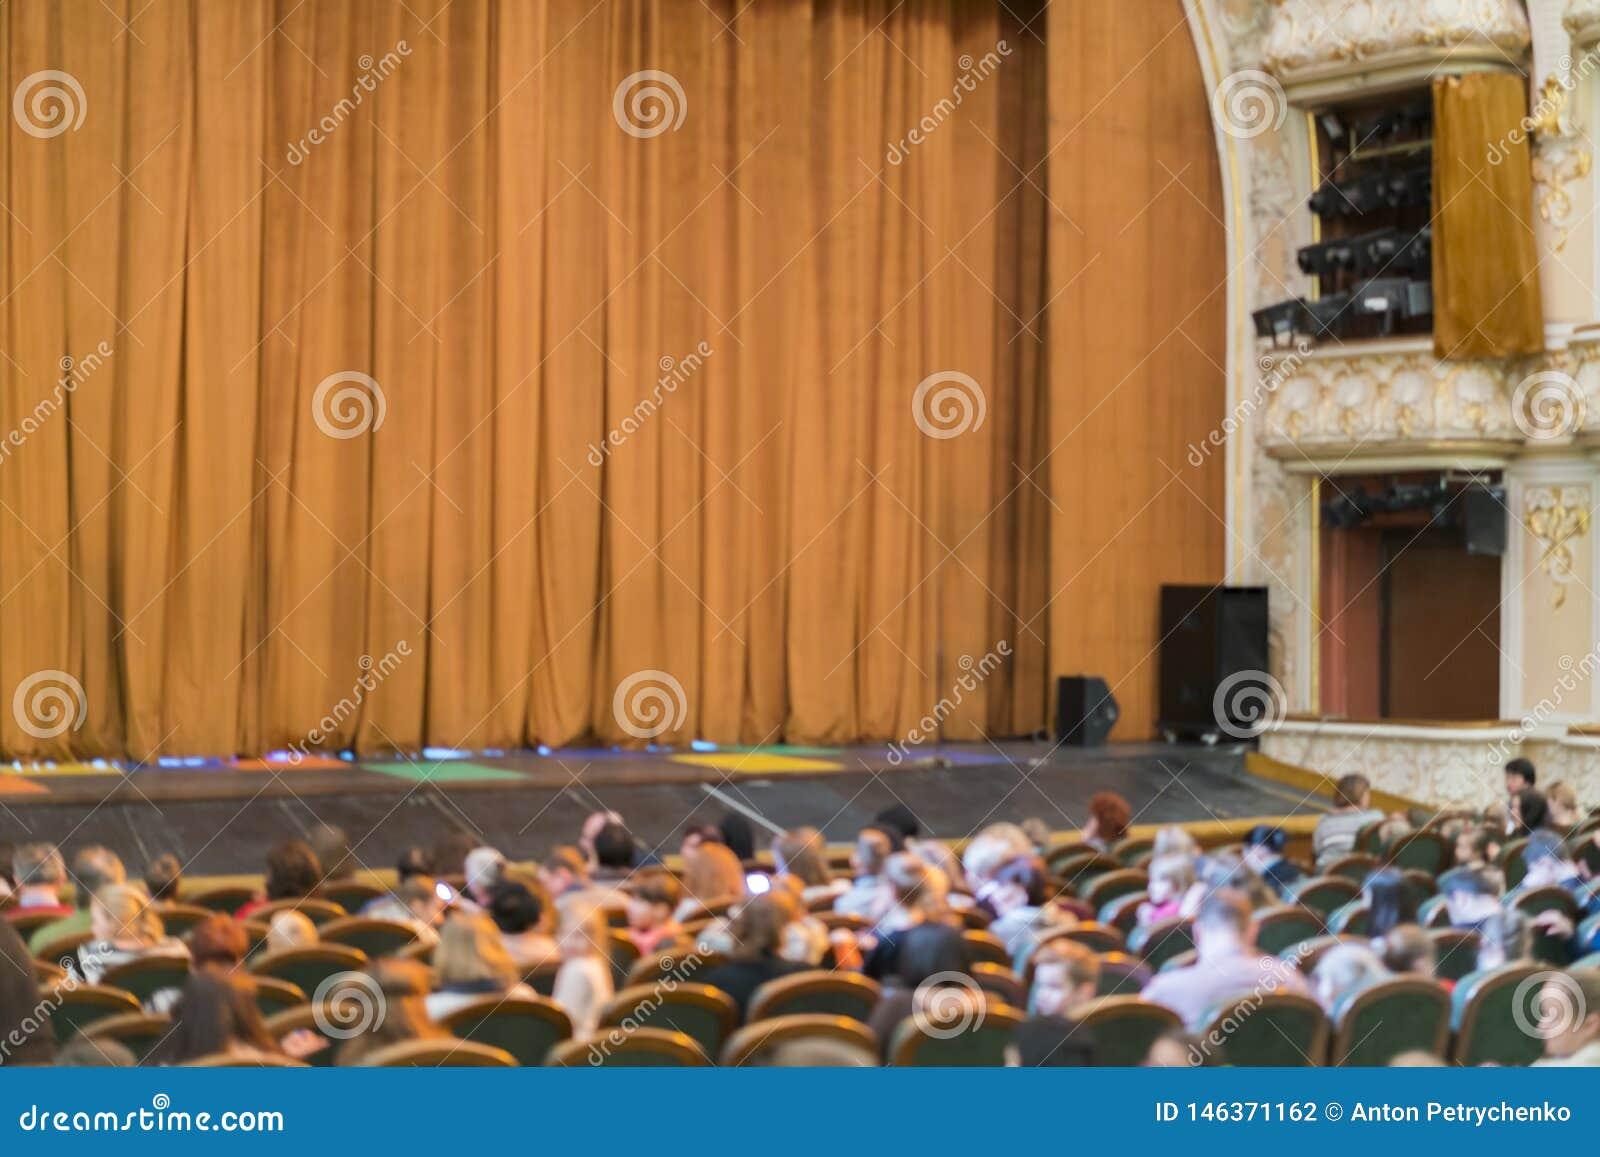 Audi?ncia no teatro cortina fechado da fase em um teatro blurry